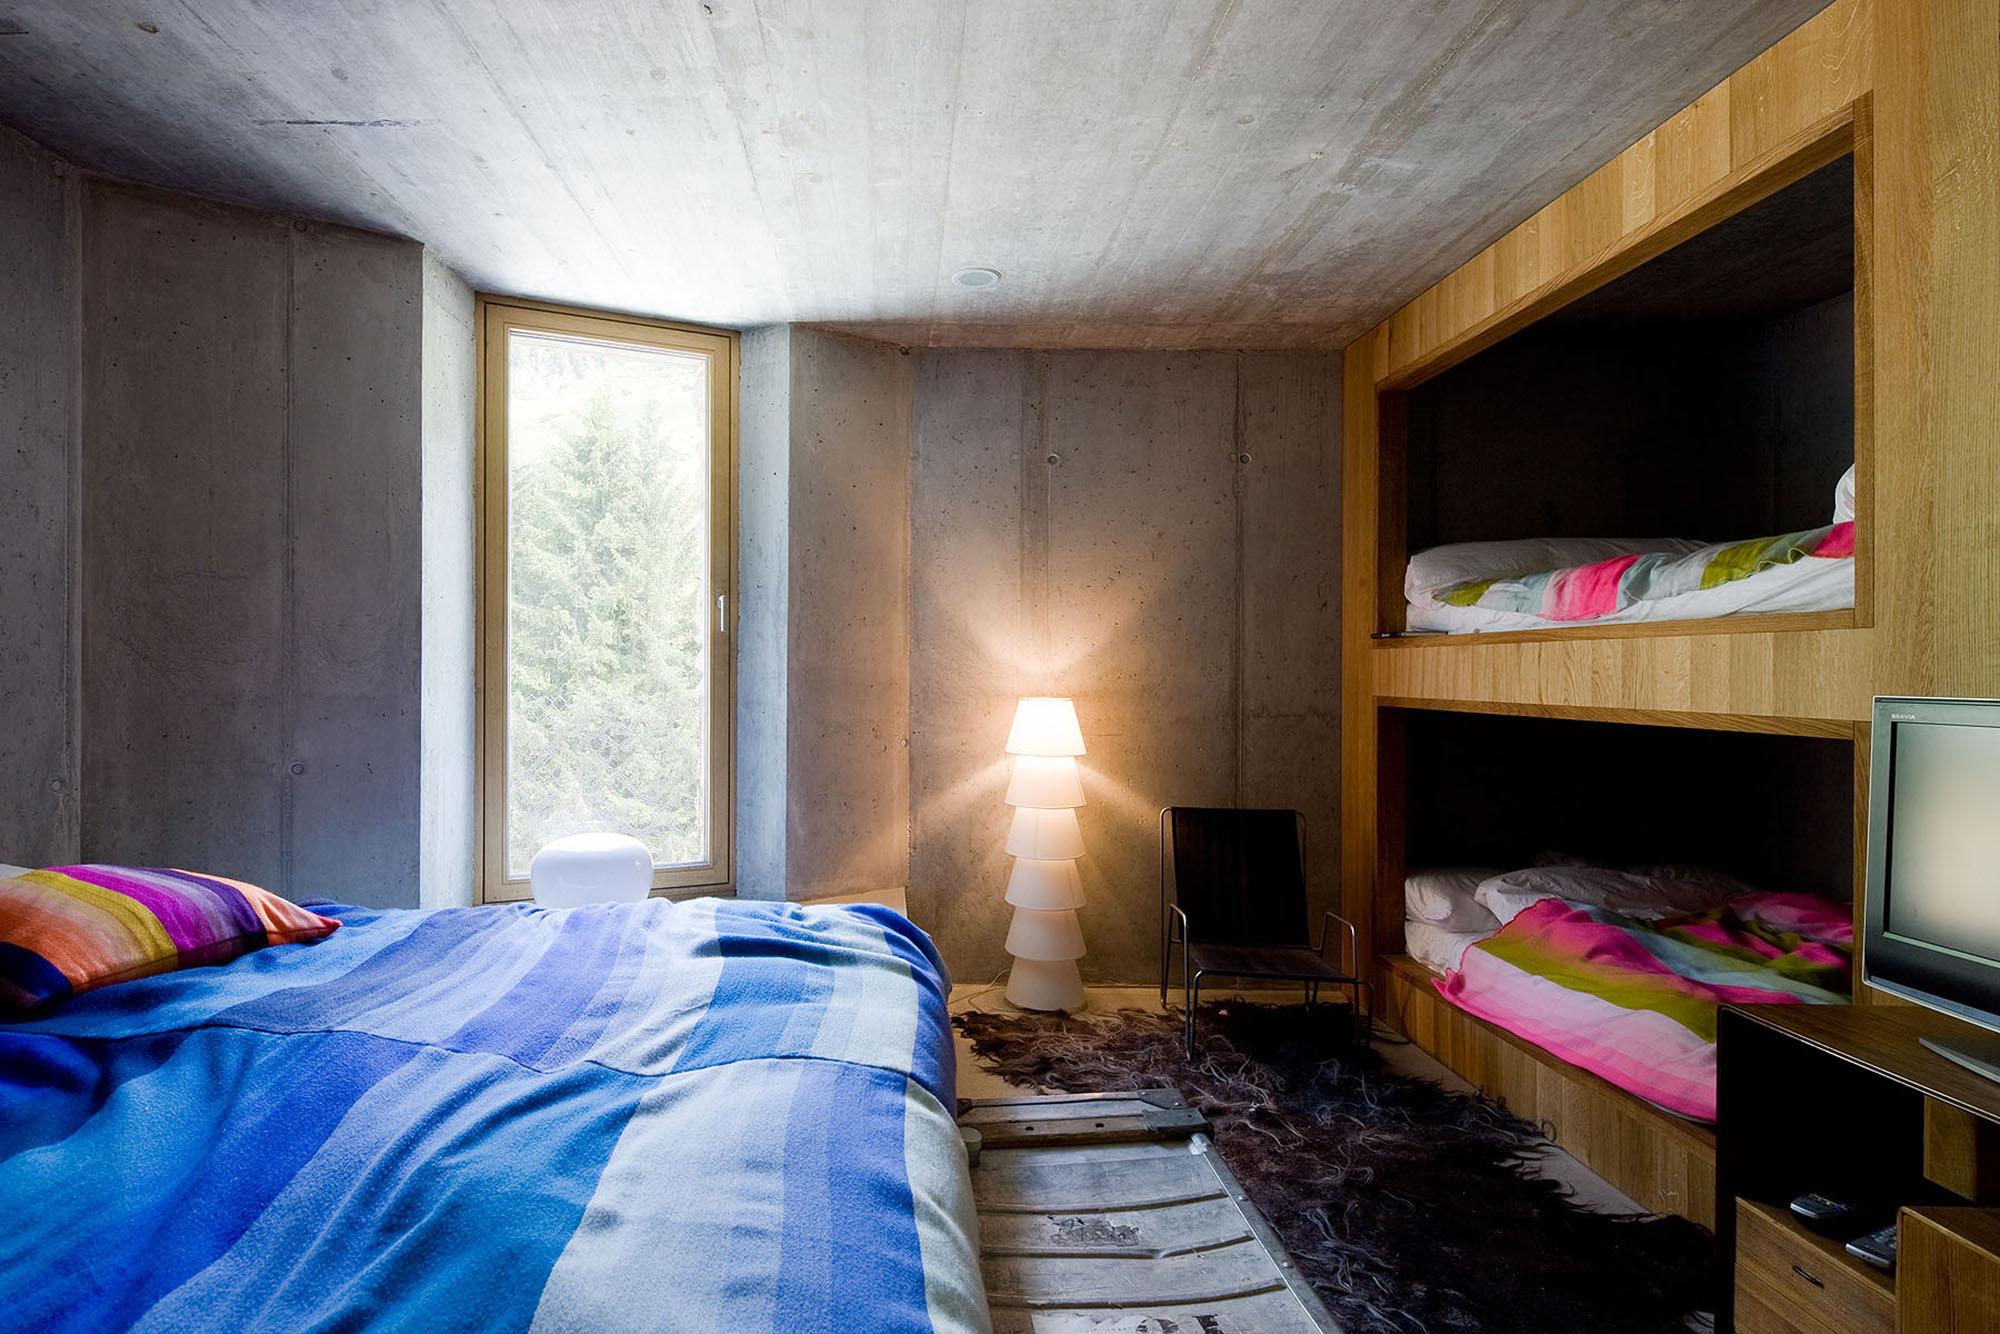 maison enterr e par search et cma vals suisse. Black Bedroom Furniture Sets. Home Design Ideas